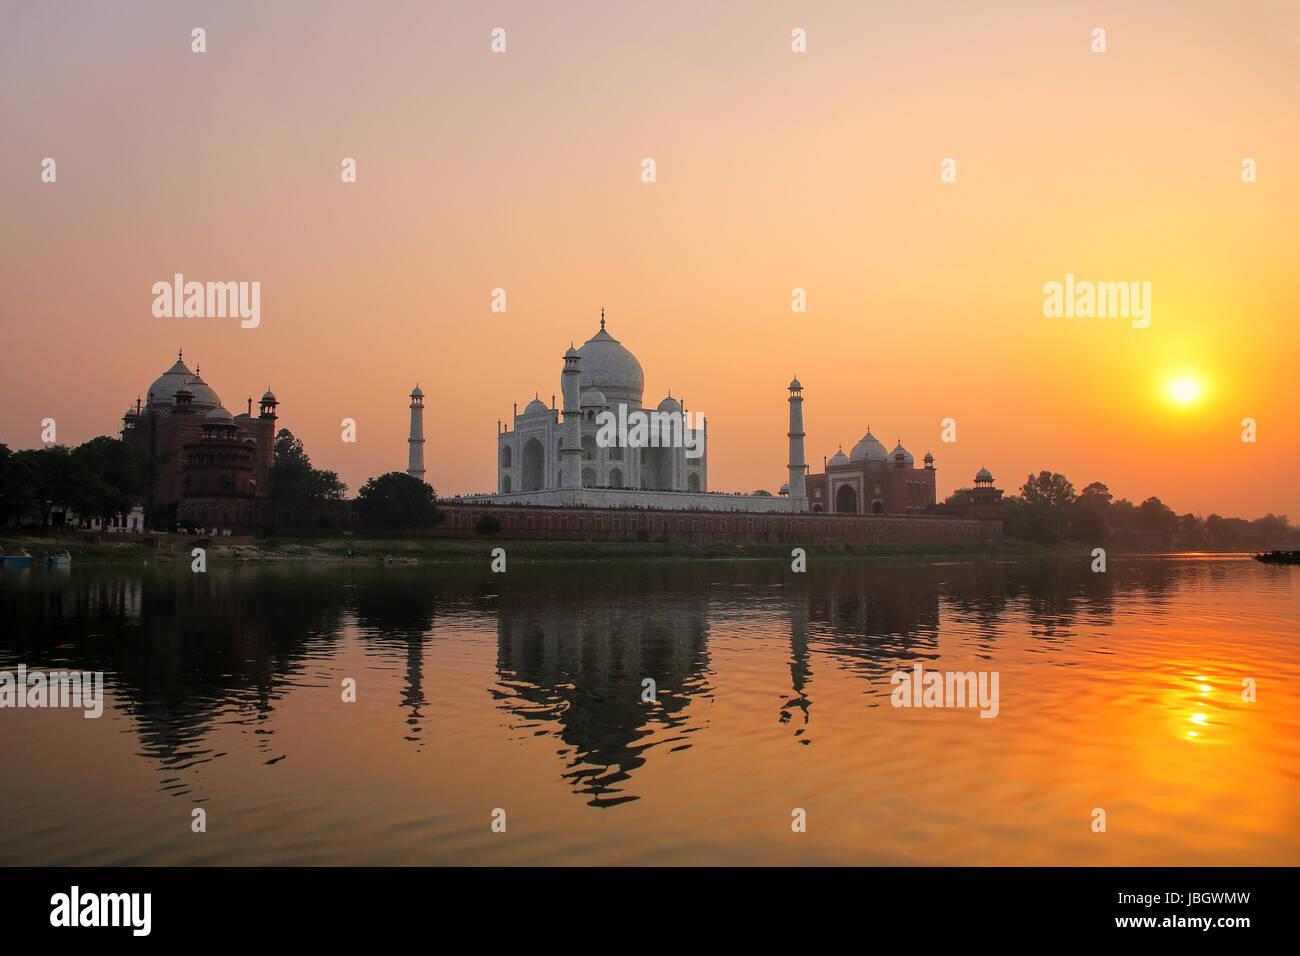 Taj Mahal si riflette nel fiume Yamuna al tramonto in Agra, India. Esso è stato commissionato nel 1632 dall'imperatore Immagini Stock